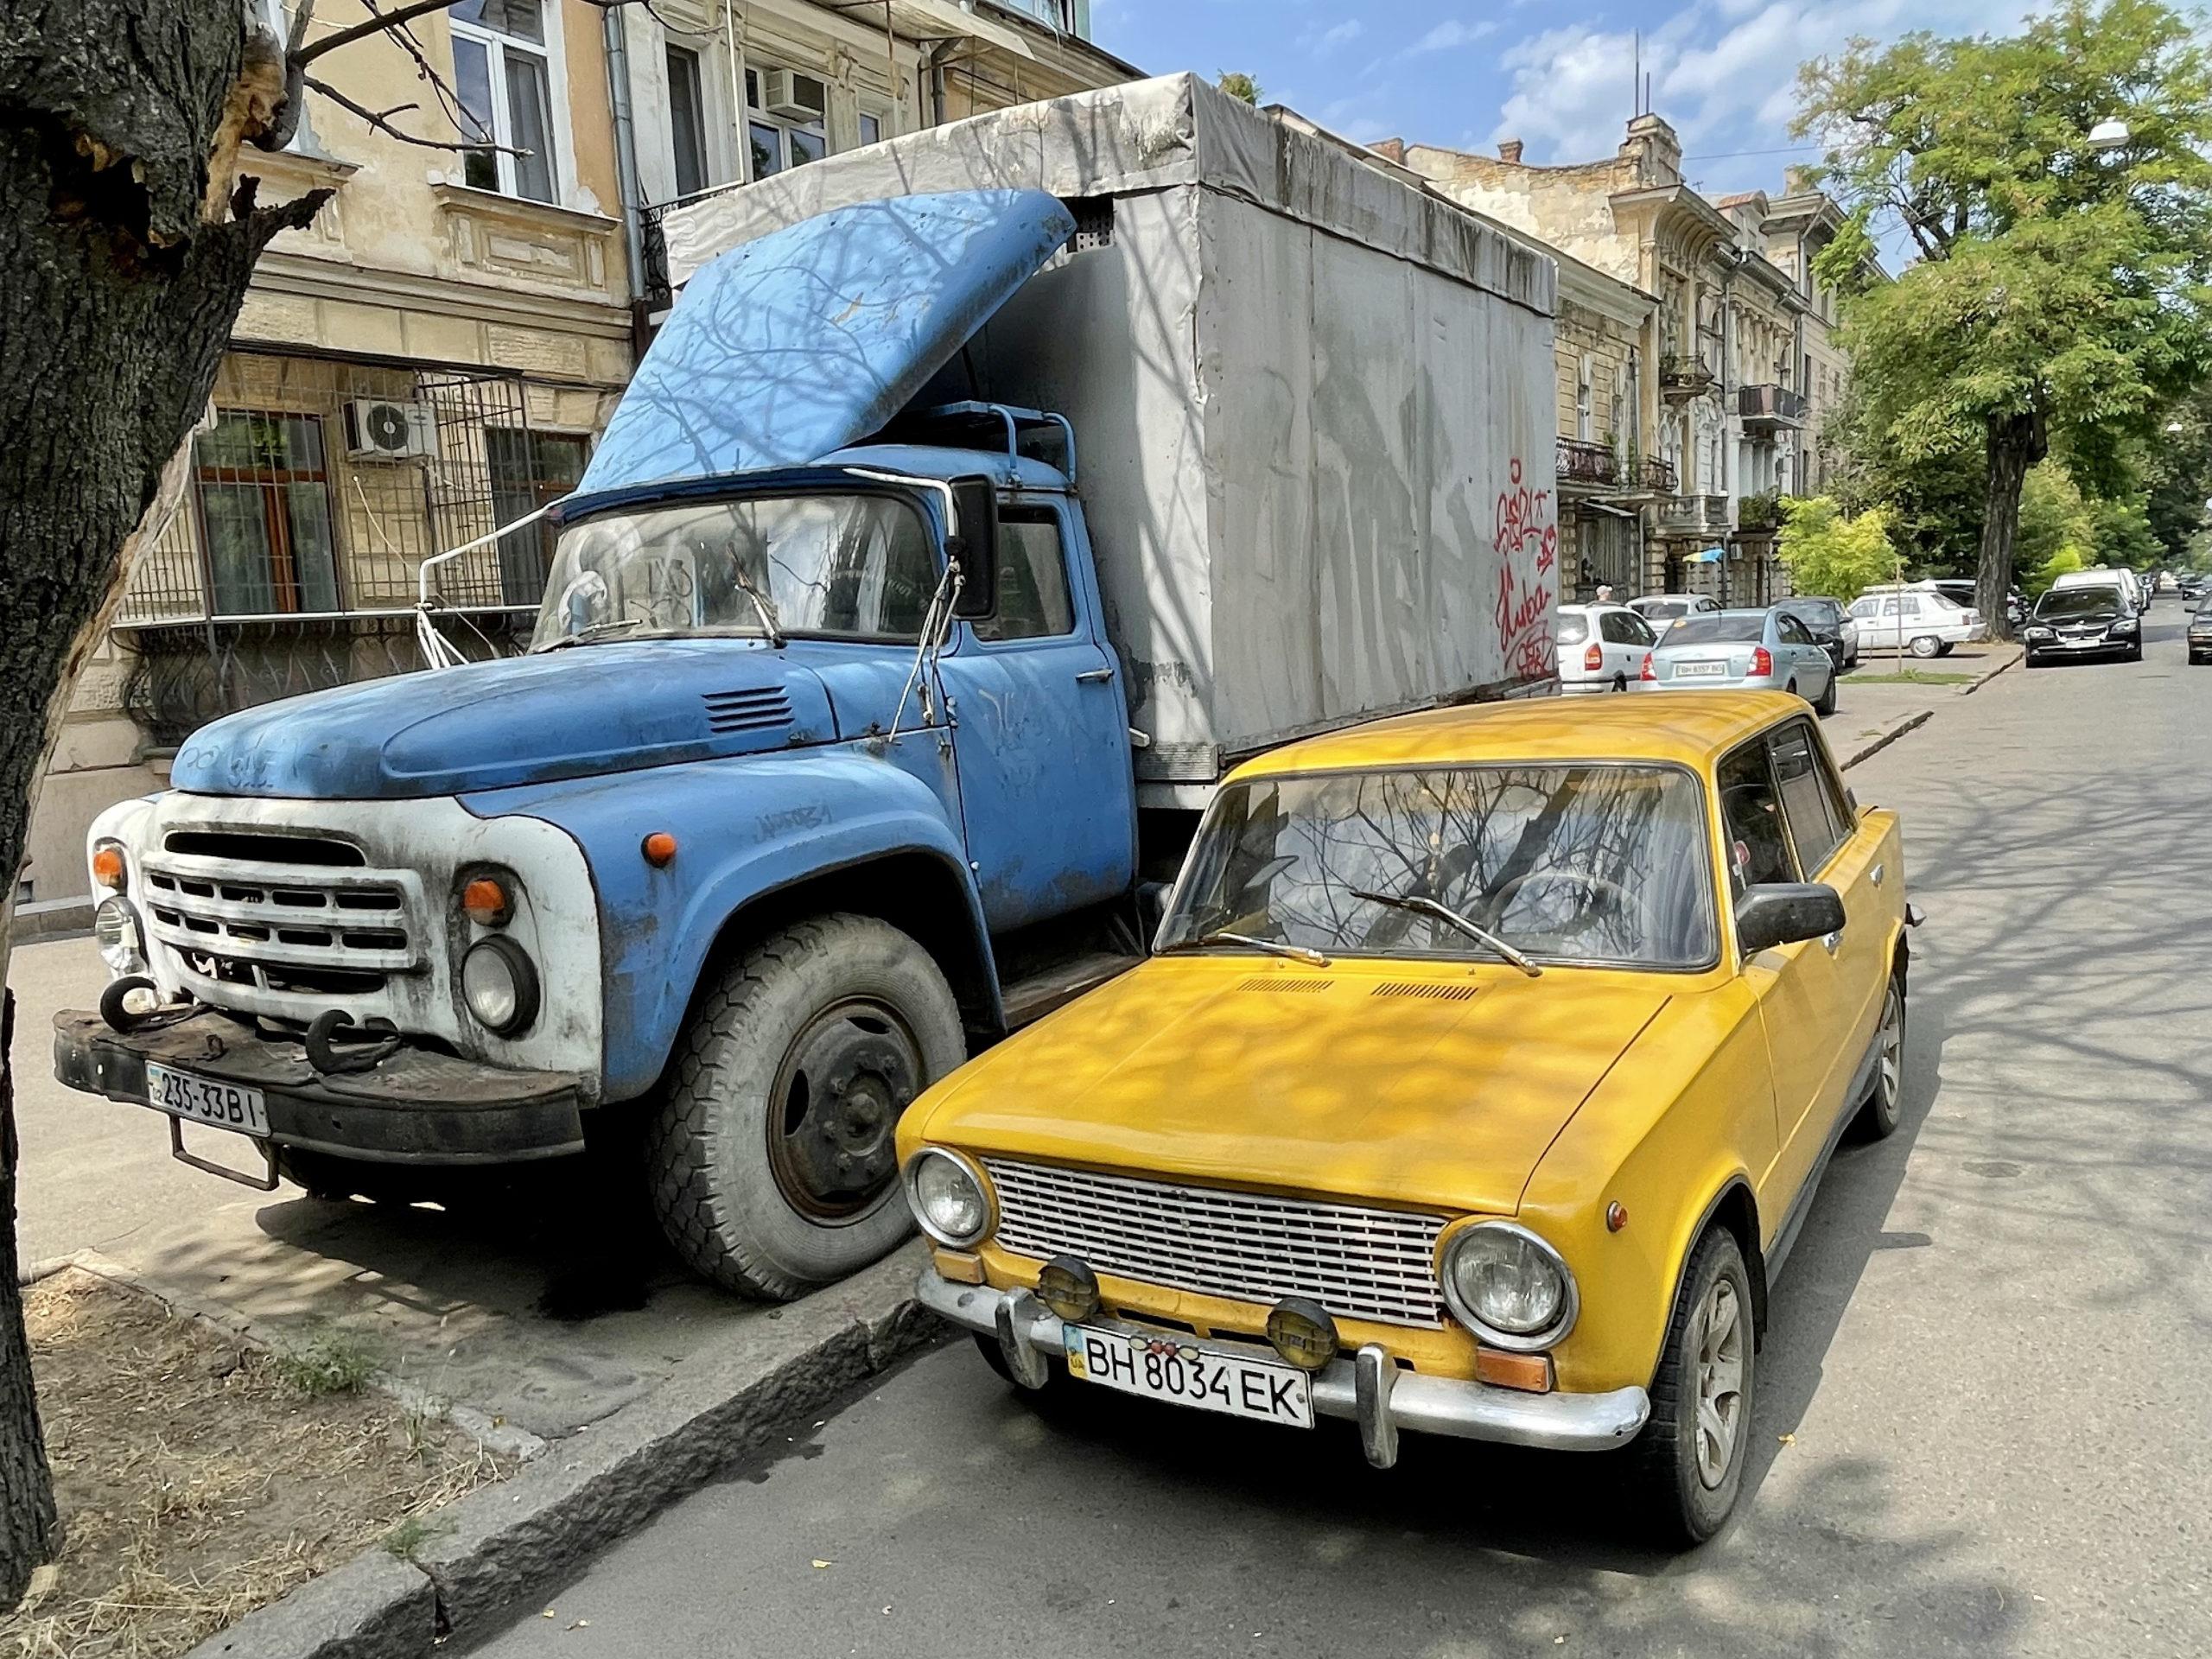 Na ulicach Odessy jest wciąż sporo wiekowych aut; osobowych i ciężowych